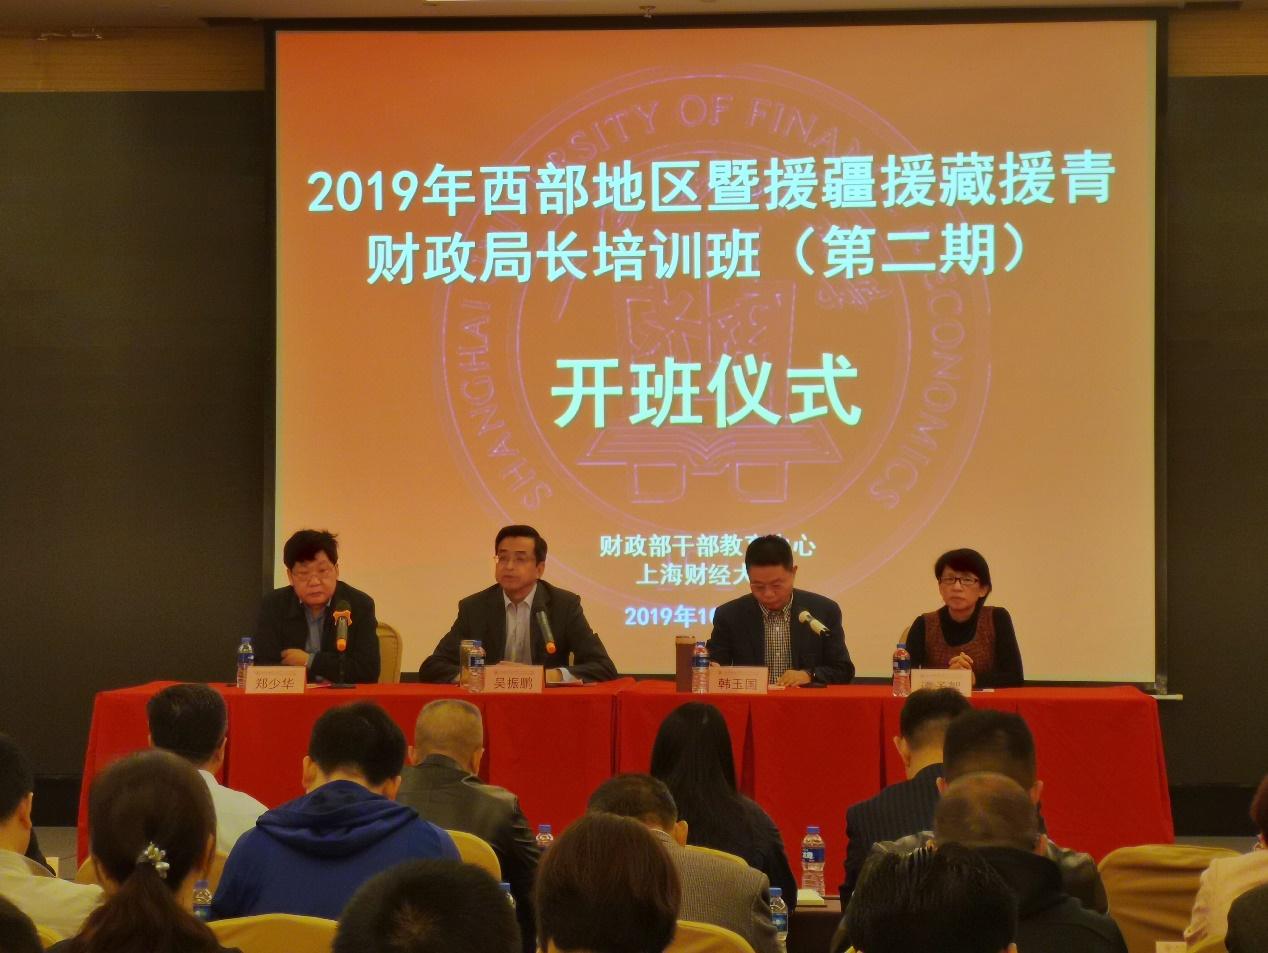 2019年财政部西部地区暨援疆援藏援青 财政局长培训班(第二期)在校举办